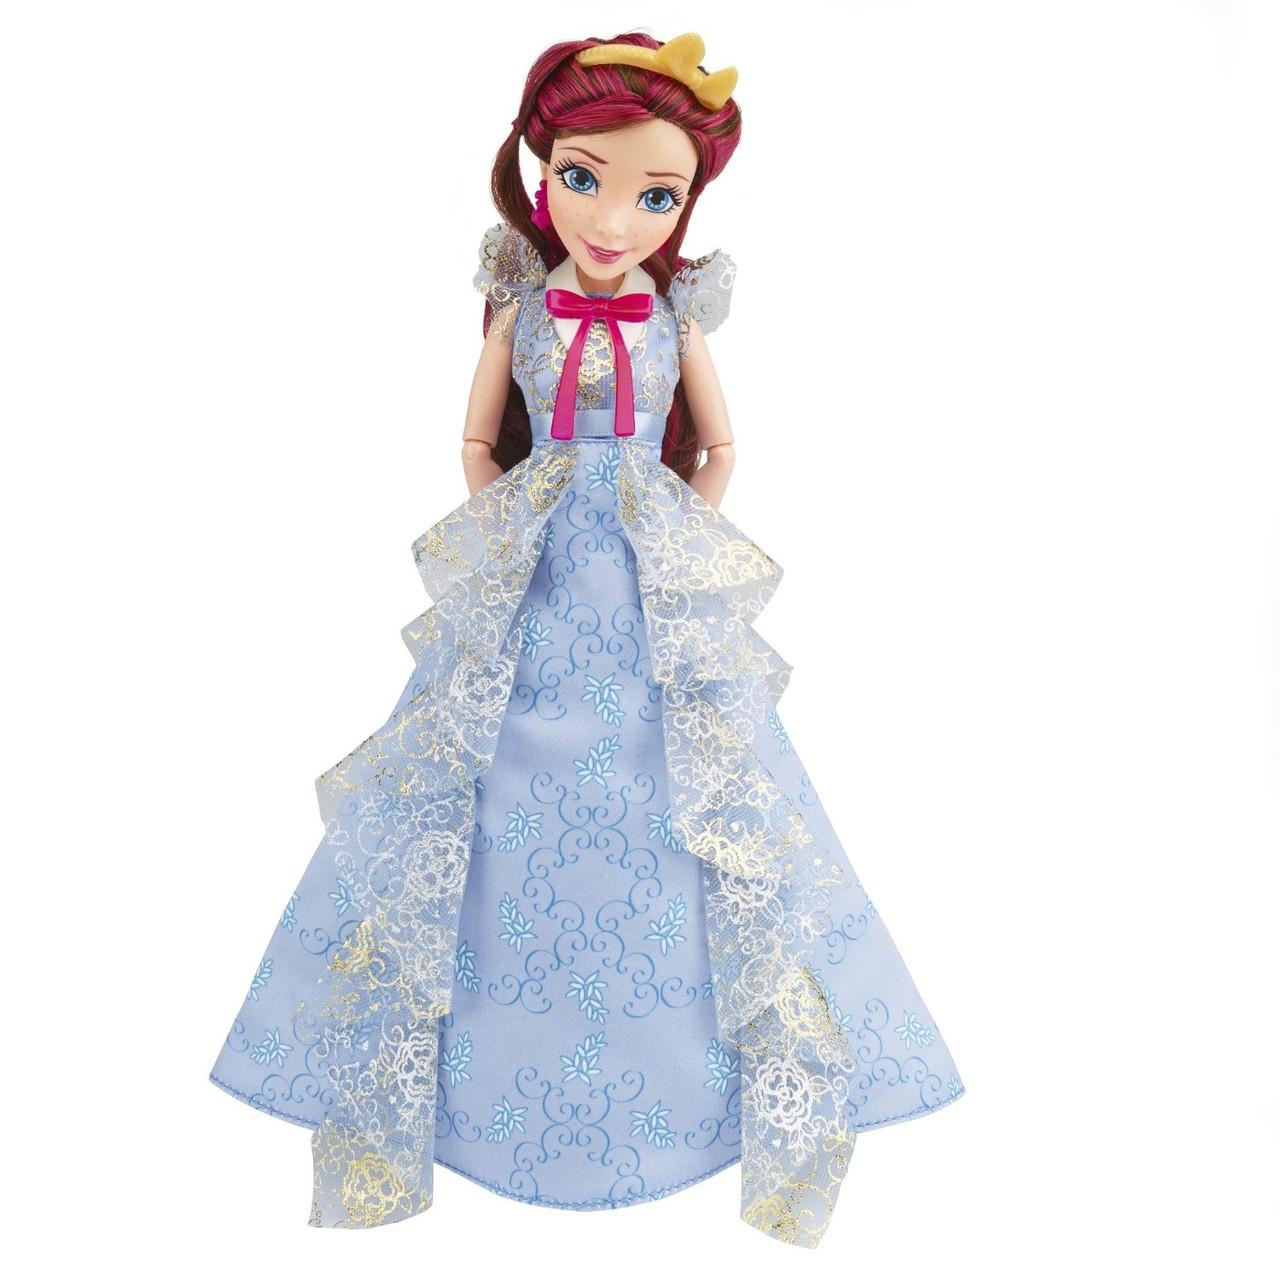 Disney Descendants Кукла Джейн - Наследники дисней, серия Коронация